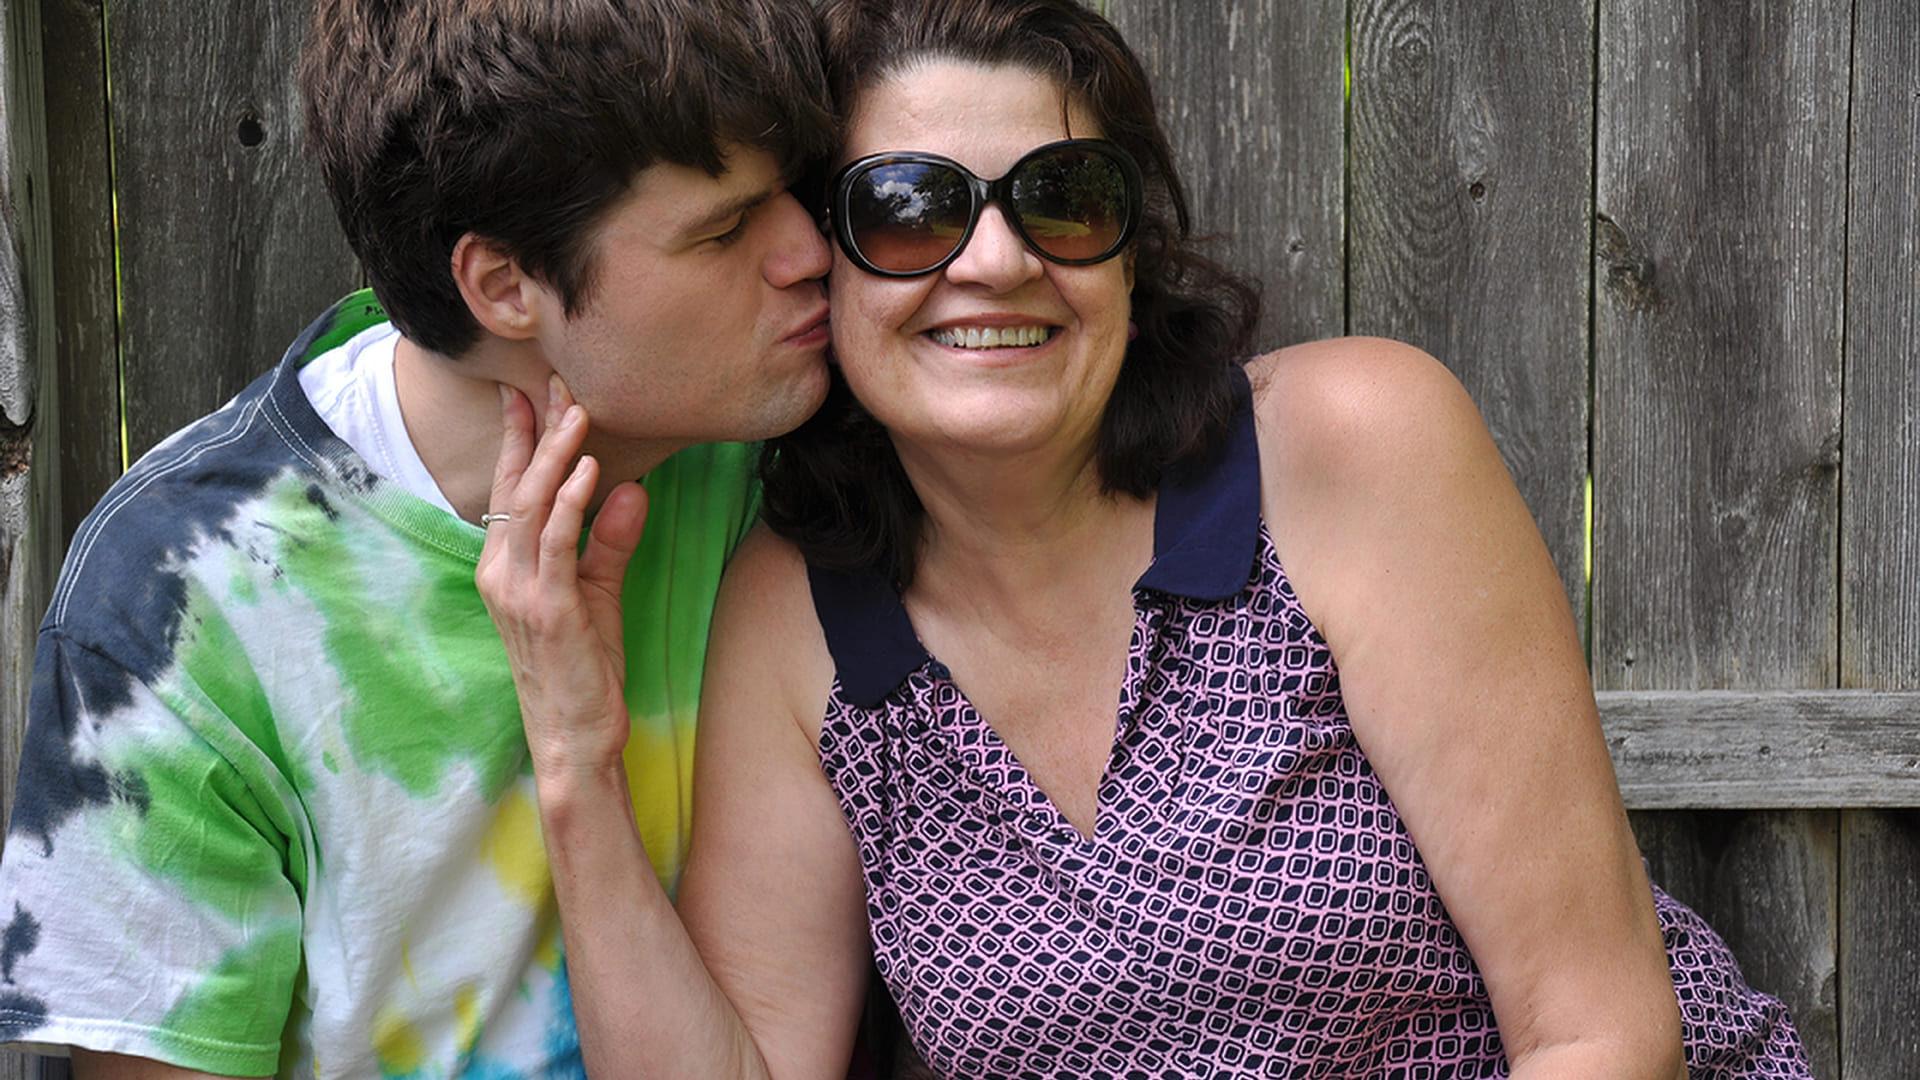 """Filho beijando o rosto da mãe. Descrição na legenda da reportagem sobre """"Os desafios do autista adulto""""."""